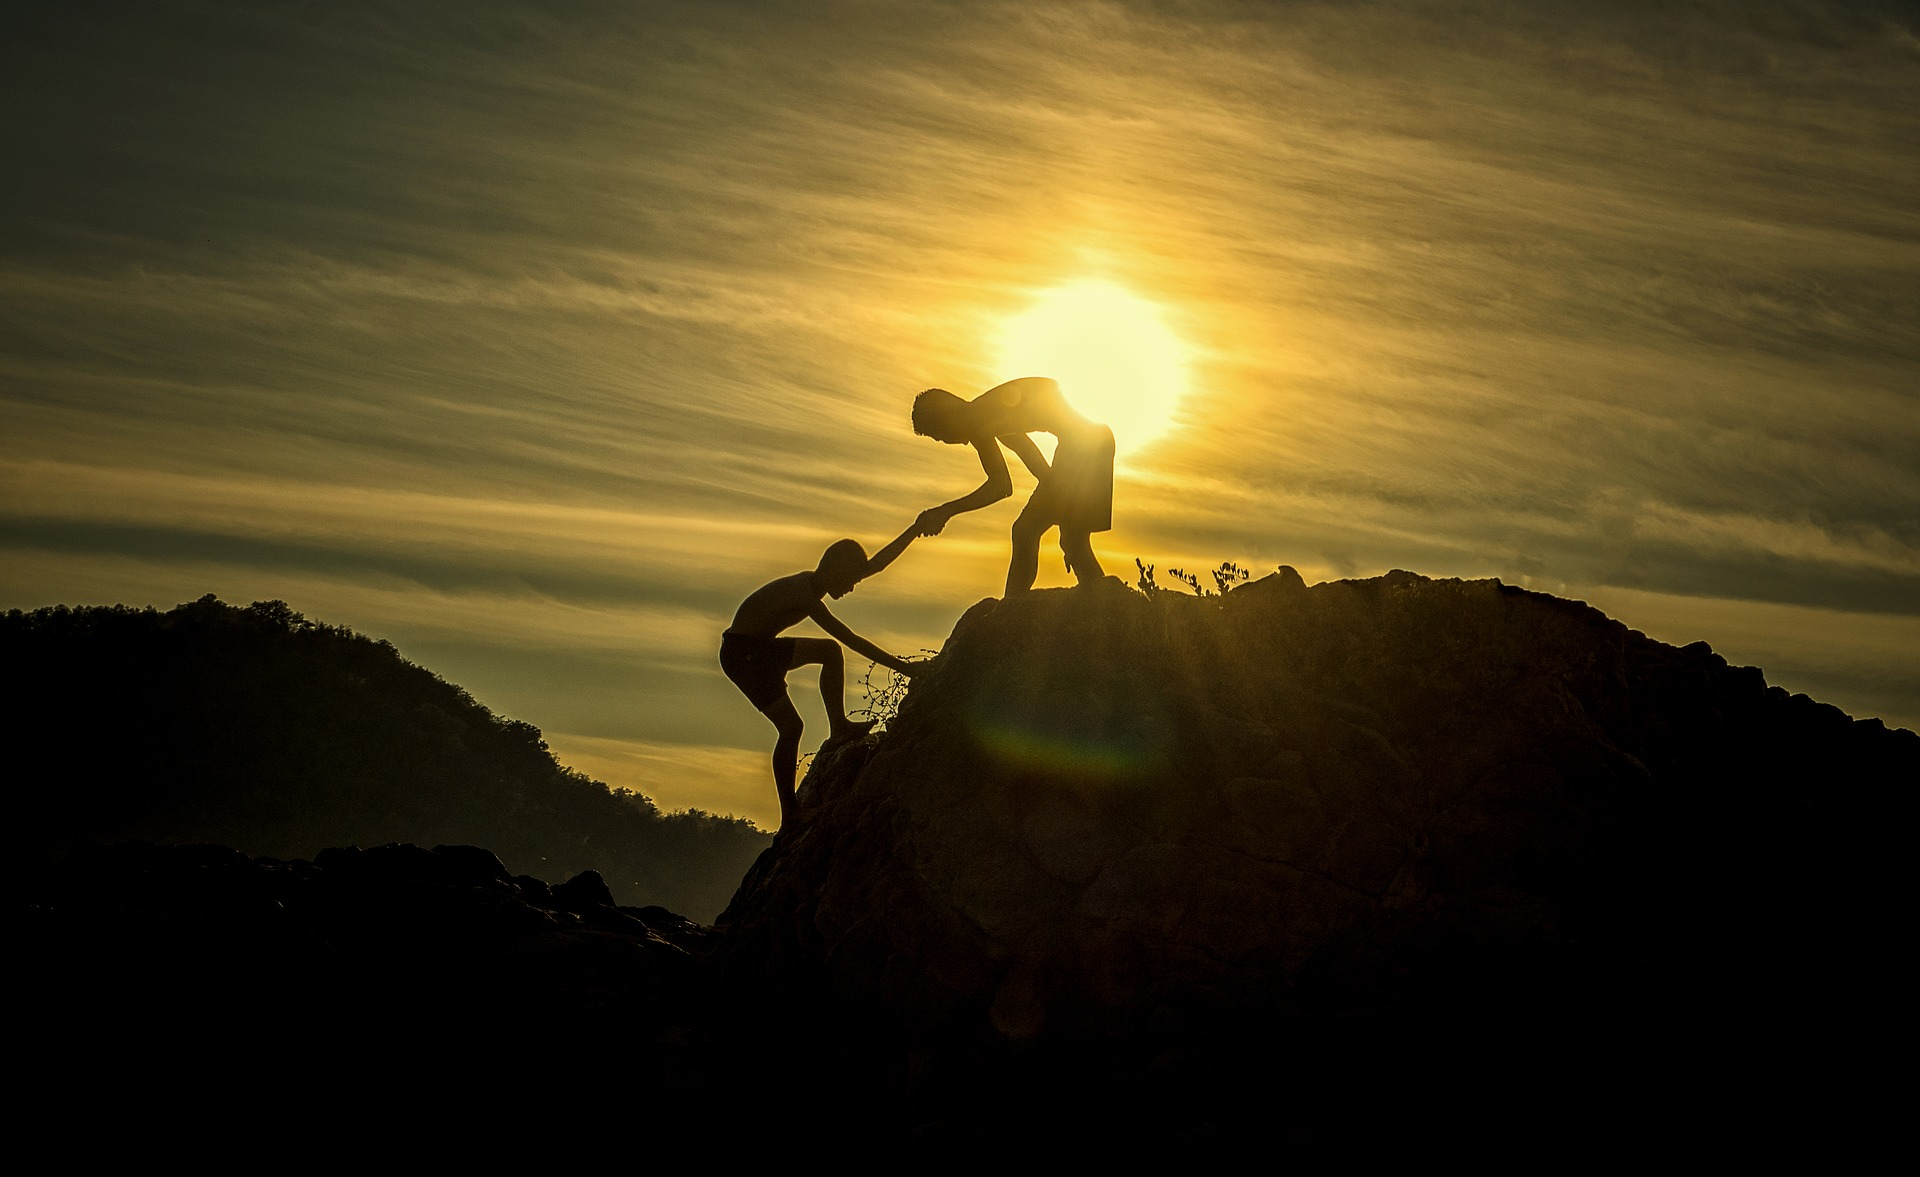 Foto a contraluz de dos montañas y dos personas subiendo.